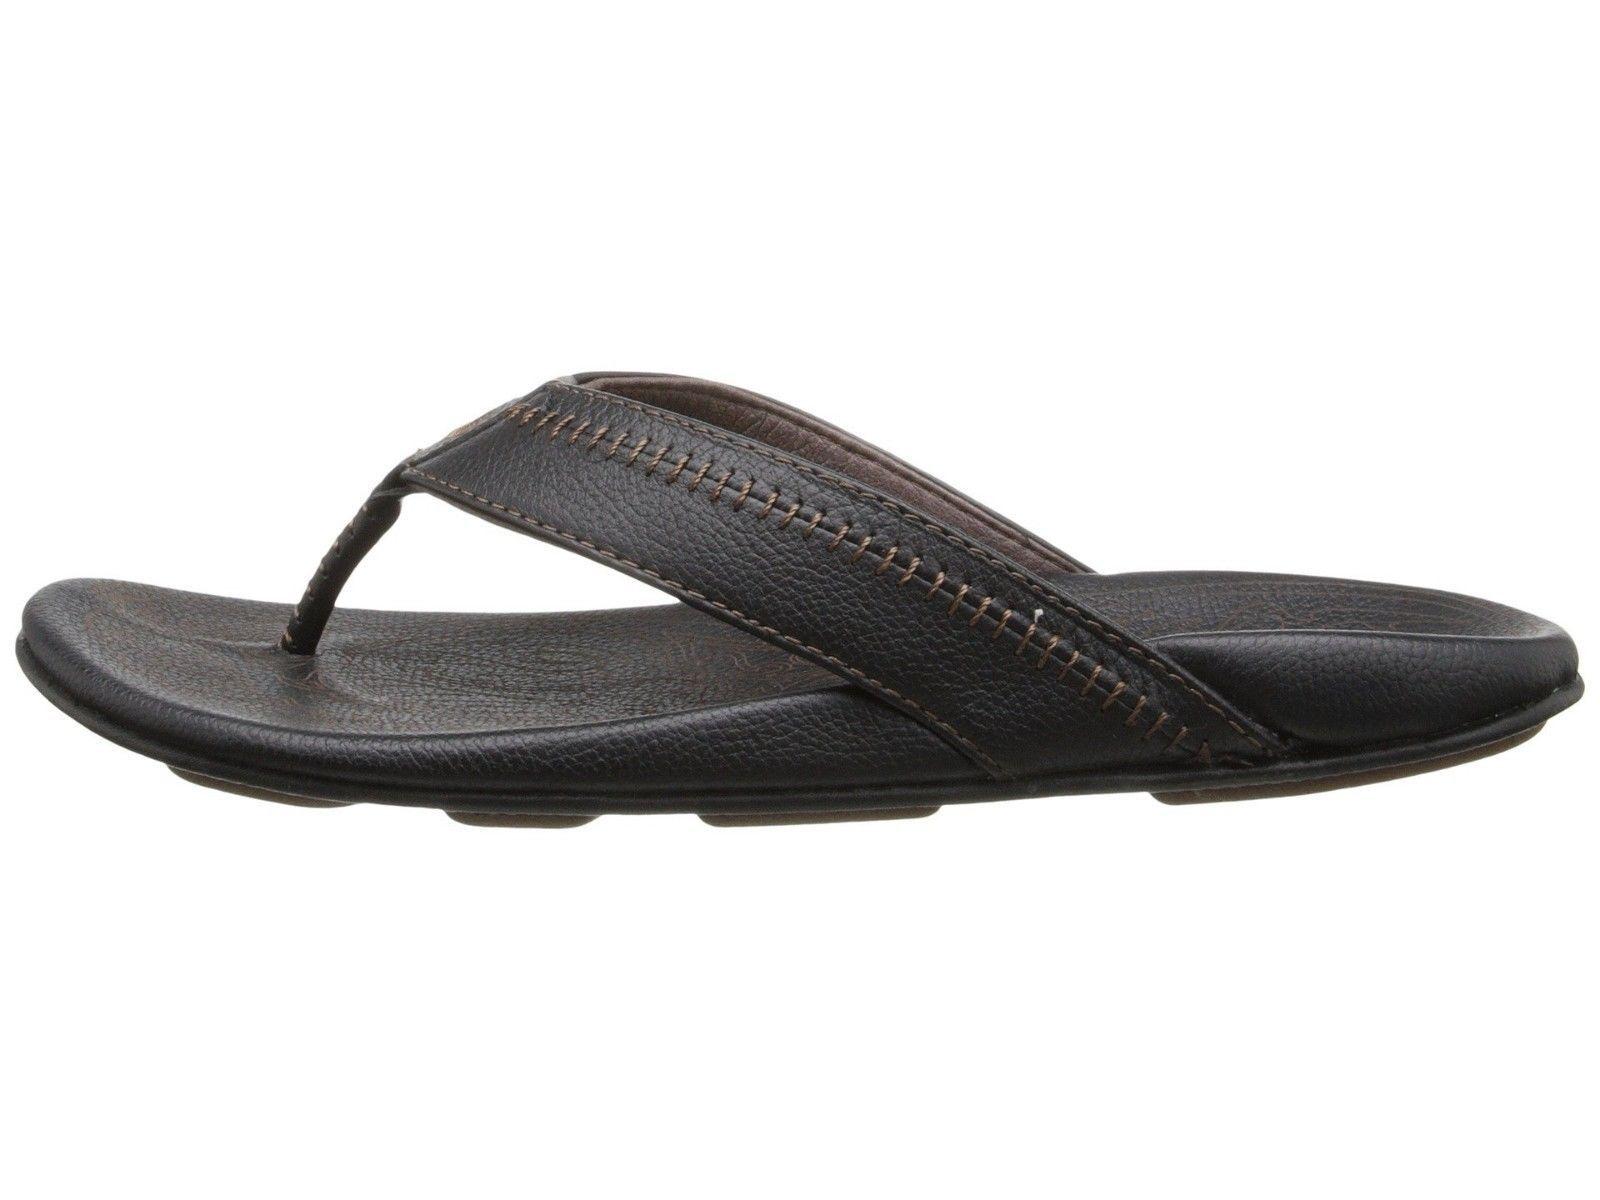 OluKai Hiapo Black Men's Premium Leather Sandal 10101-4040 10101-4040 Sandal d1e603